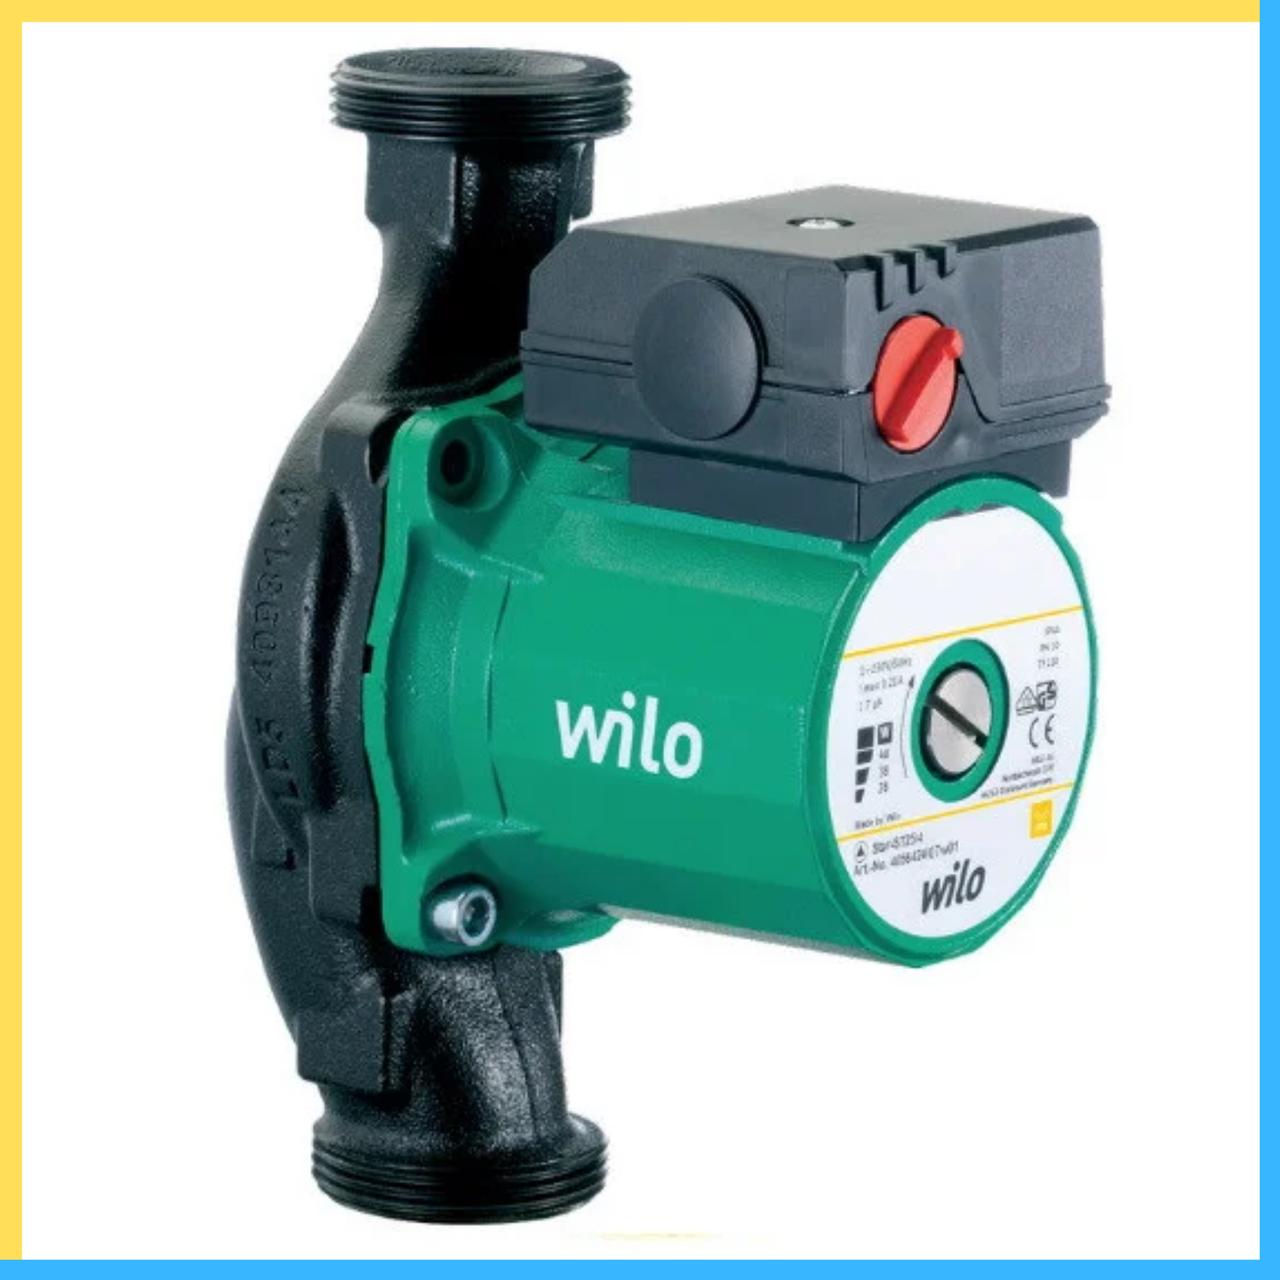 Циркуляционные насосы Wilo RS 25/4 180 стандартная база